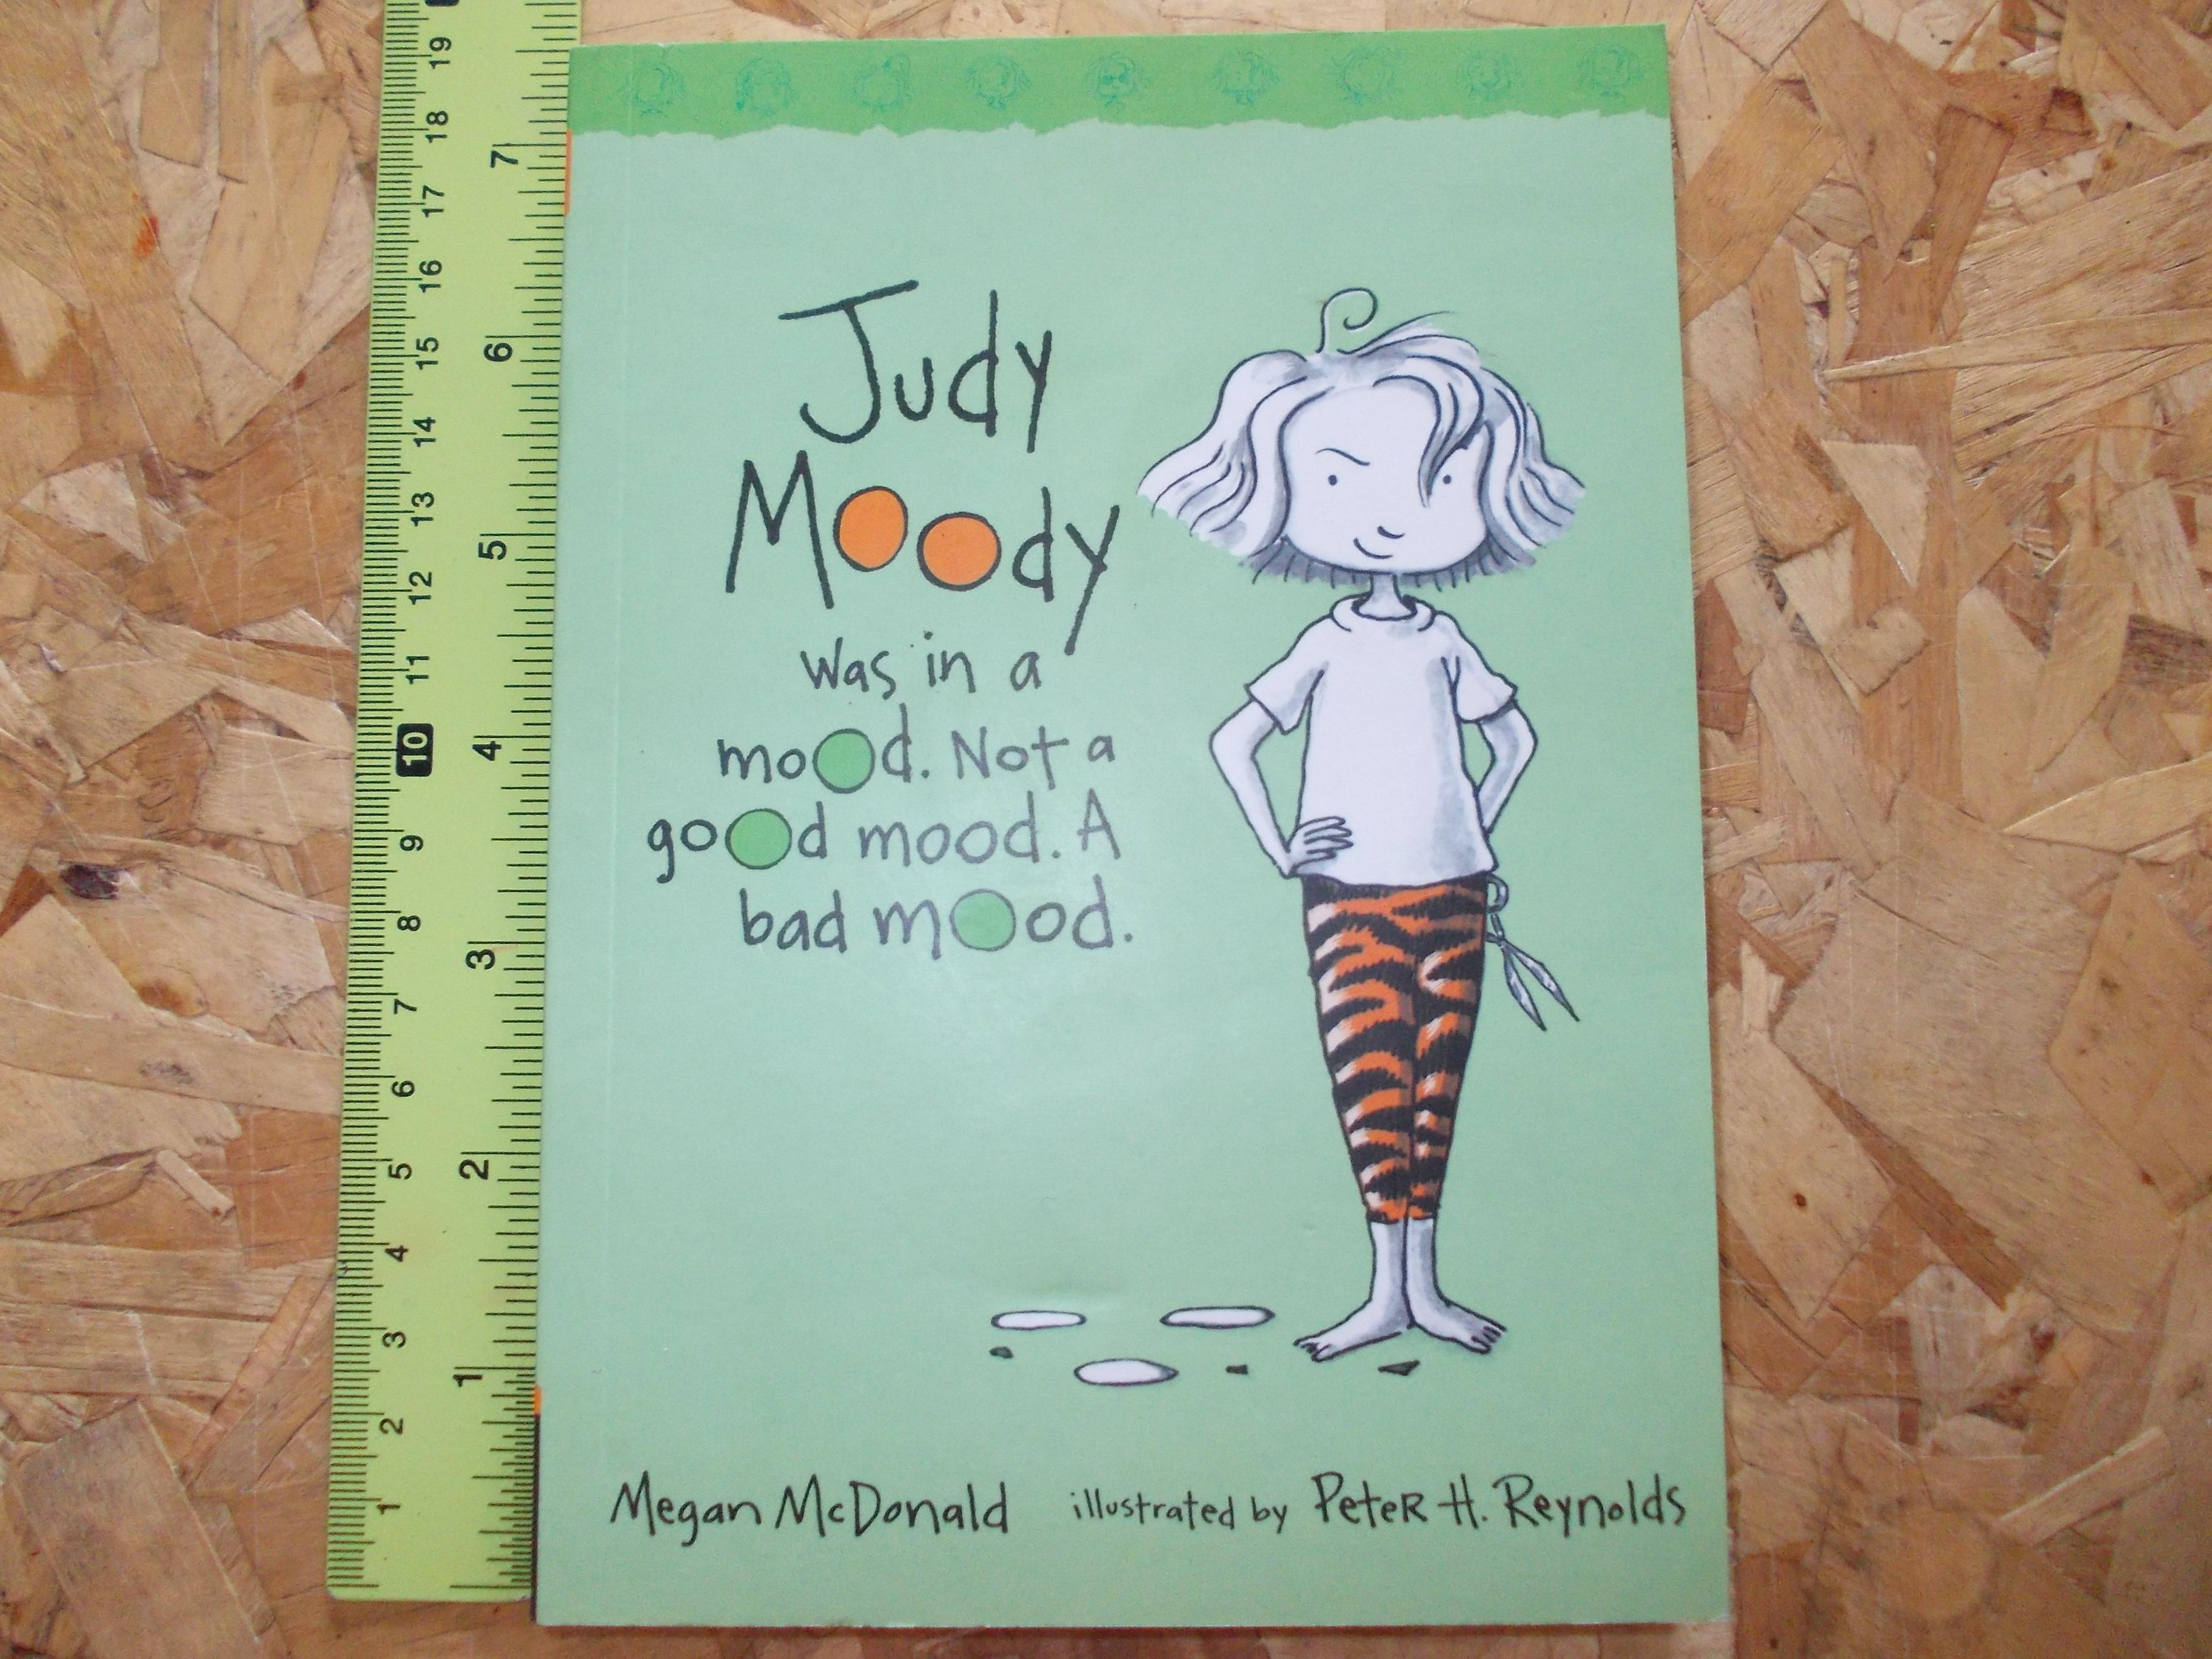 Judy Moody 1: judy Moody Was in a Mood. Not A Good Mood. A Bad Mood.